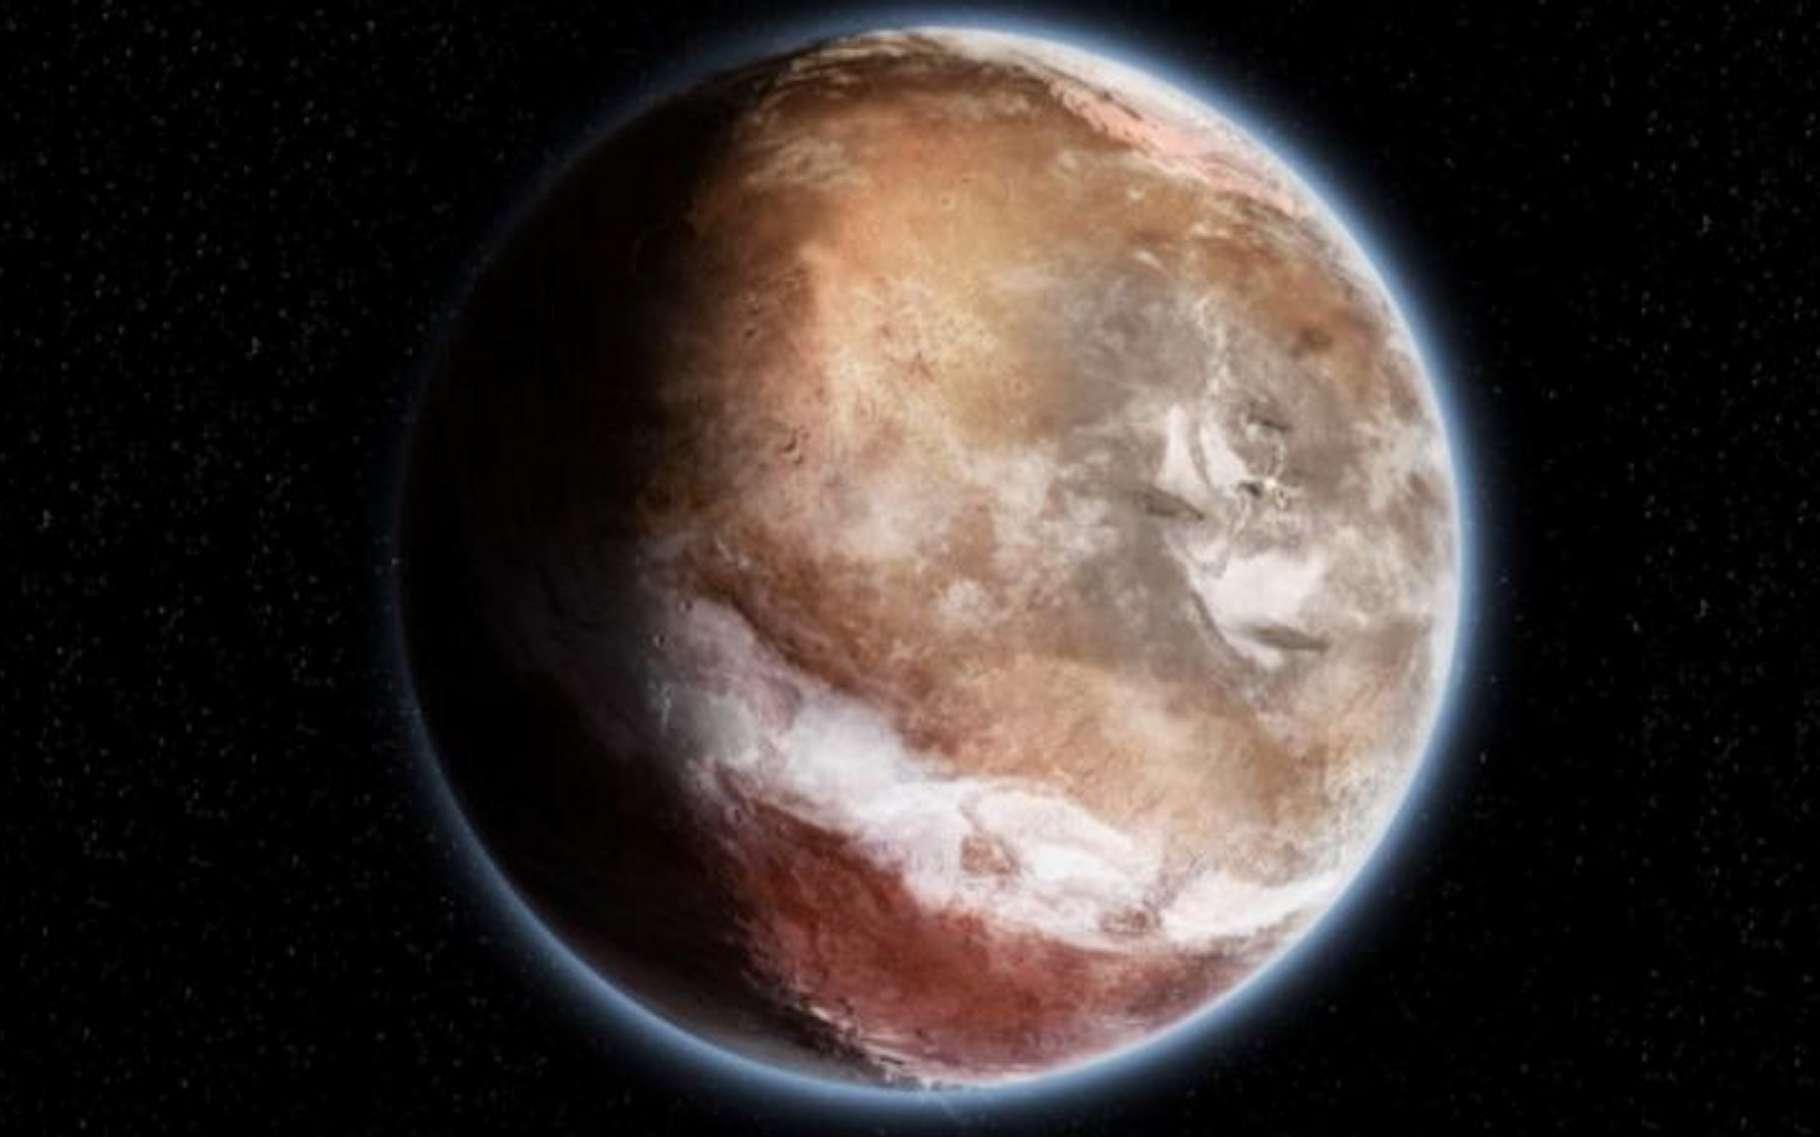 Illustration de Mars, telle qu'elle pouvait être il y a 4 milliards d'années. Une bande nuageuse dans son atmosphère plus dense qu'aujourd'hui se superpose au-dessus de la ceinture tropicale où devaient couler des rivières. Peu à peu, la coquille enrobant le noyau de Mars s'est retrouvée plombée par l'immense dôme de Tharsis qui se constituait au fil de centaines de millions d'années et a commencé à bouger. © Didier Florentz